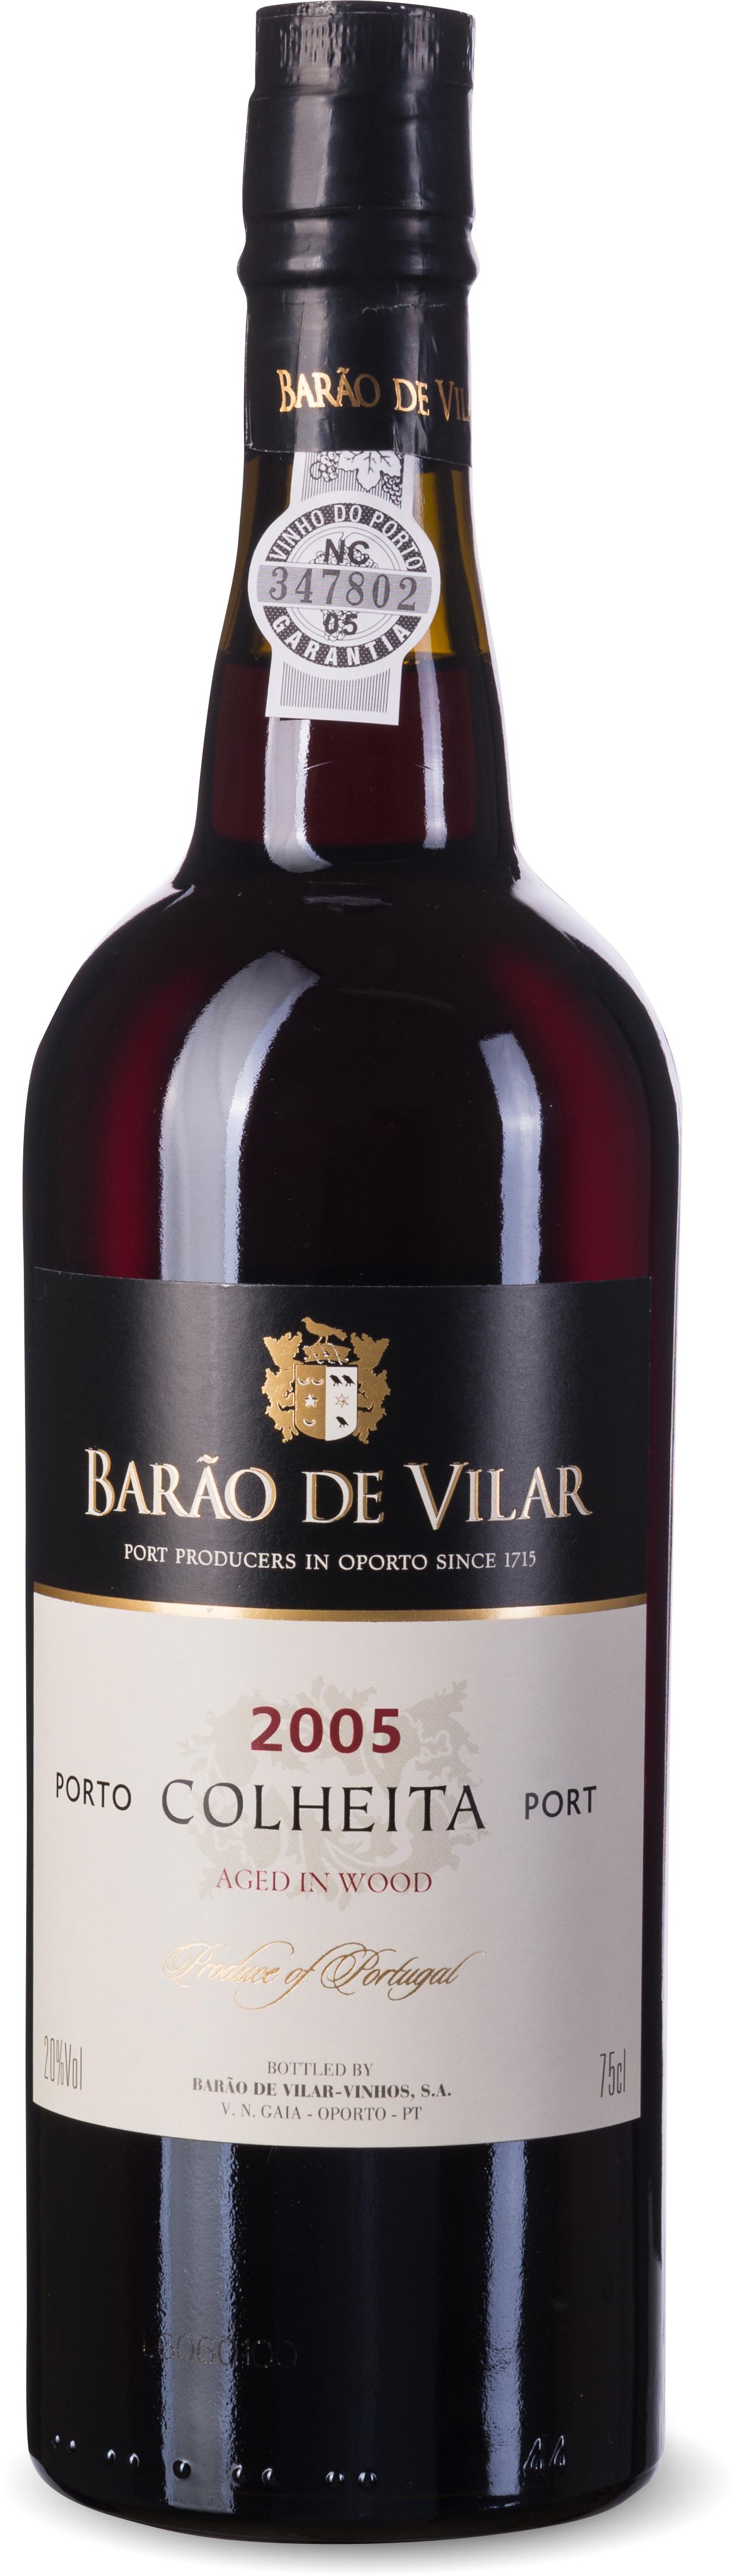 Barão de Vilar Colheita Port